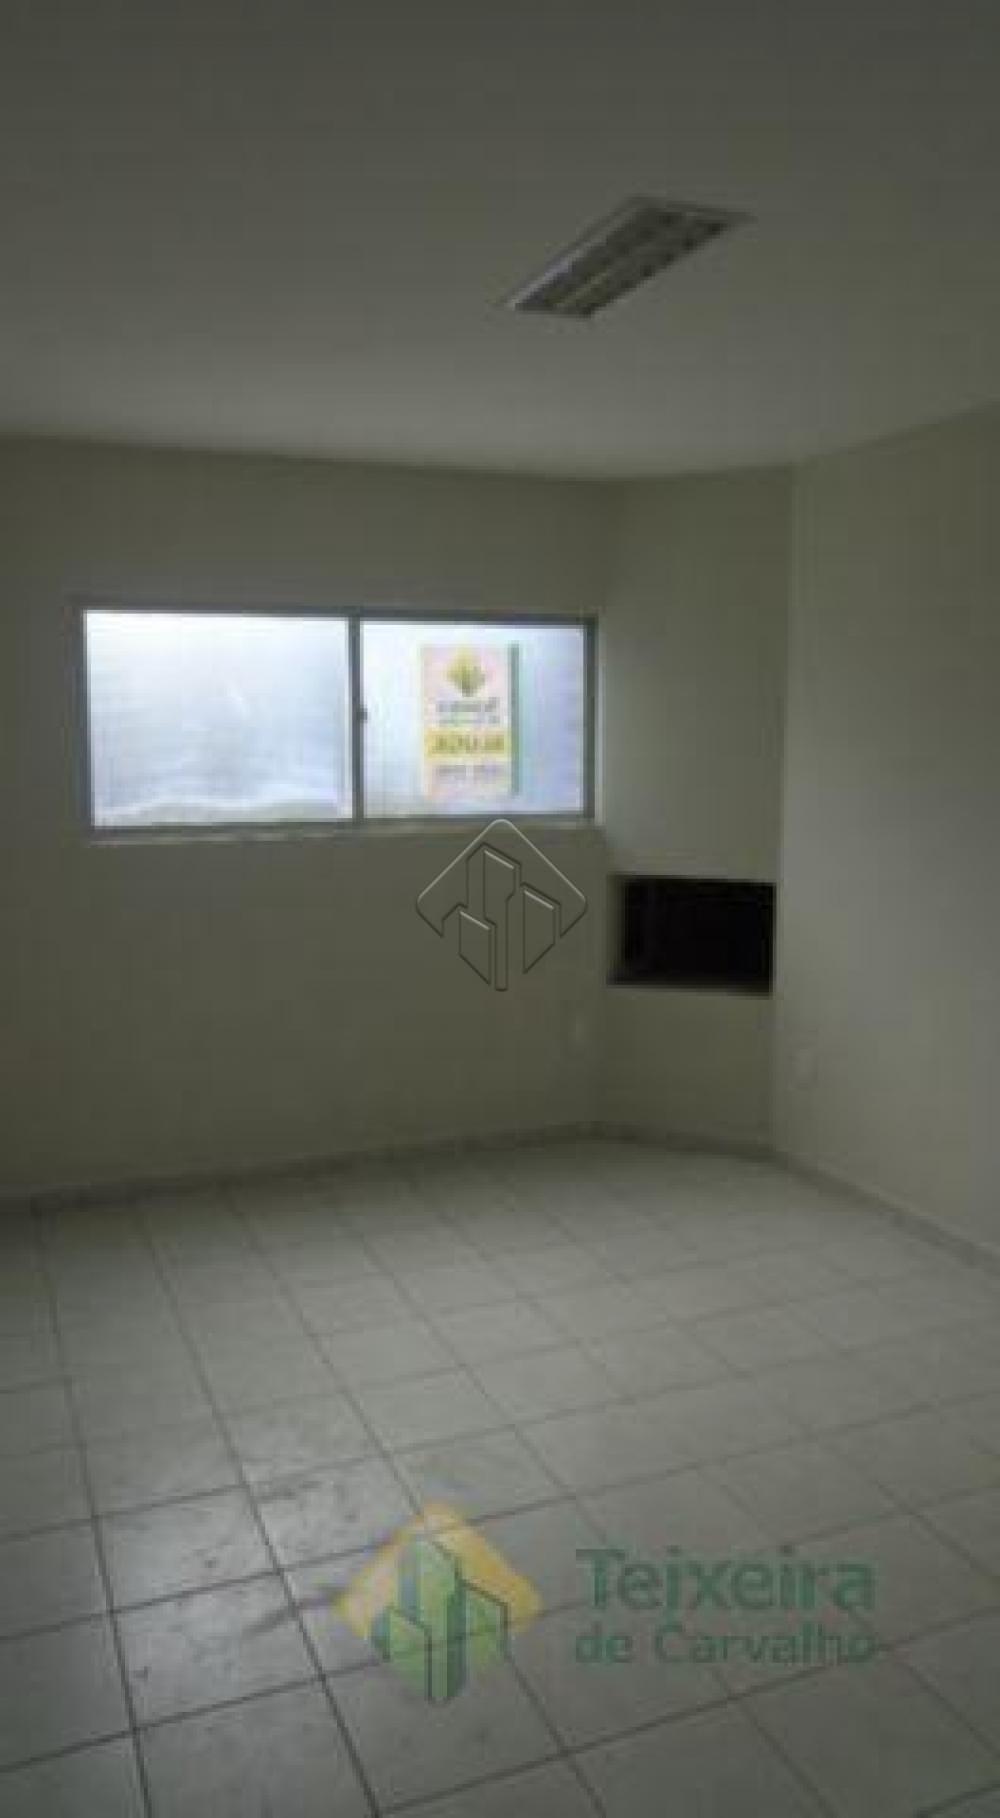 Alugar Comercial / Sala em João Pessoa apenas R$ 450,00 - Foto 3